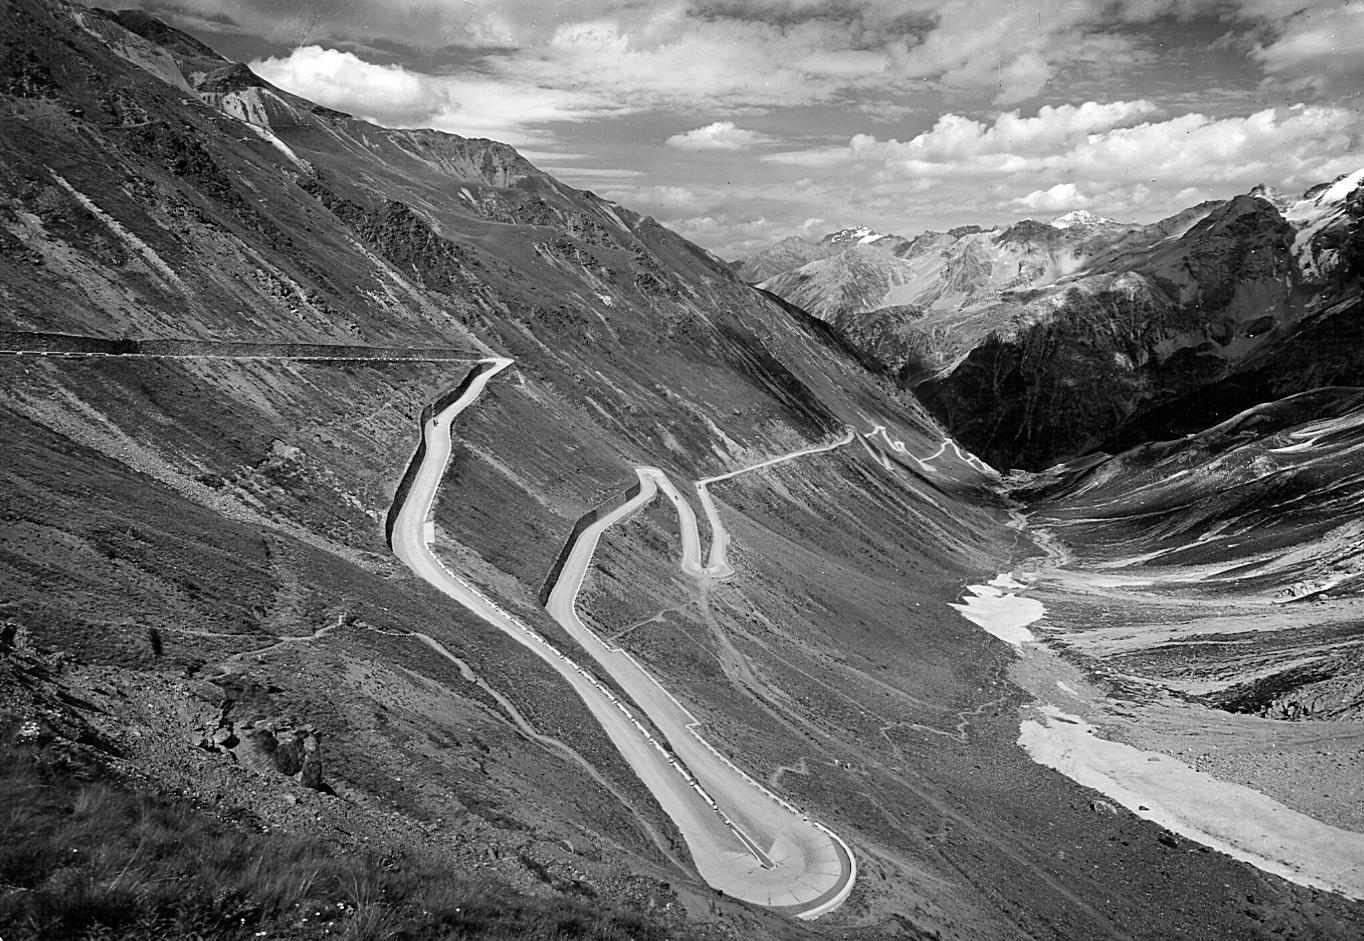 I tornanti del Passo dello Stelvio sulla strada statale 38 (anno 1930), protagonisti di numerose edizioni del Giro d'Italia (Archivio storico Anas)